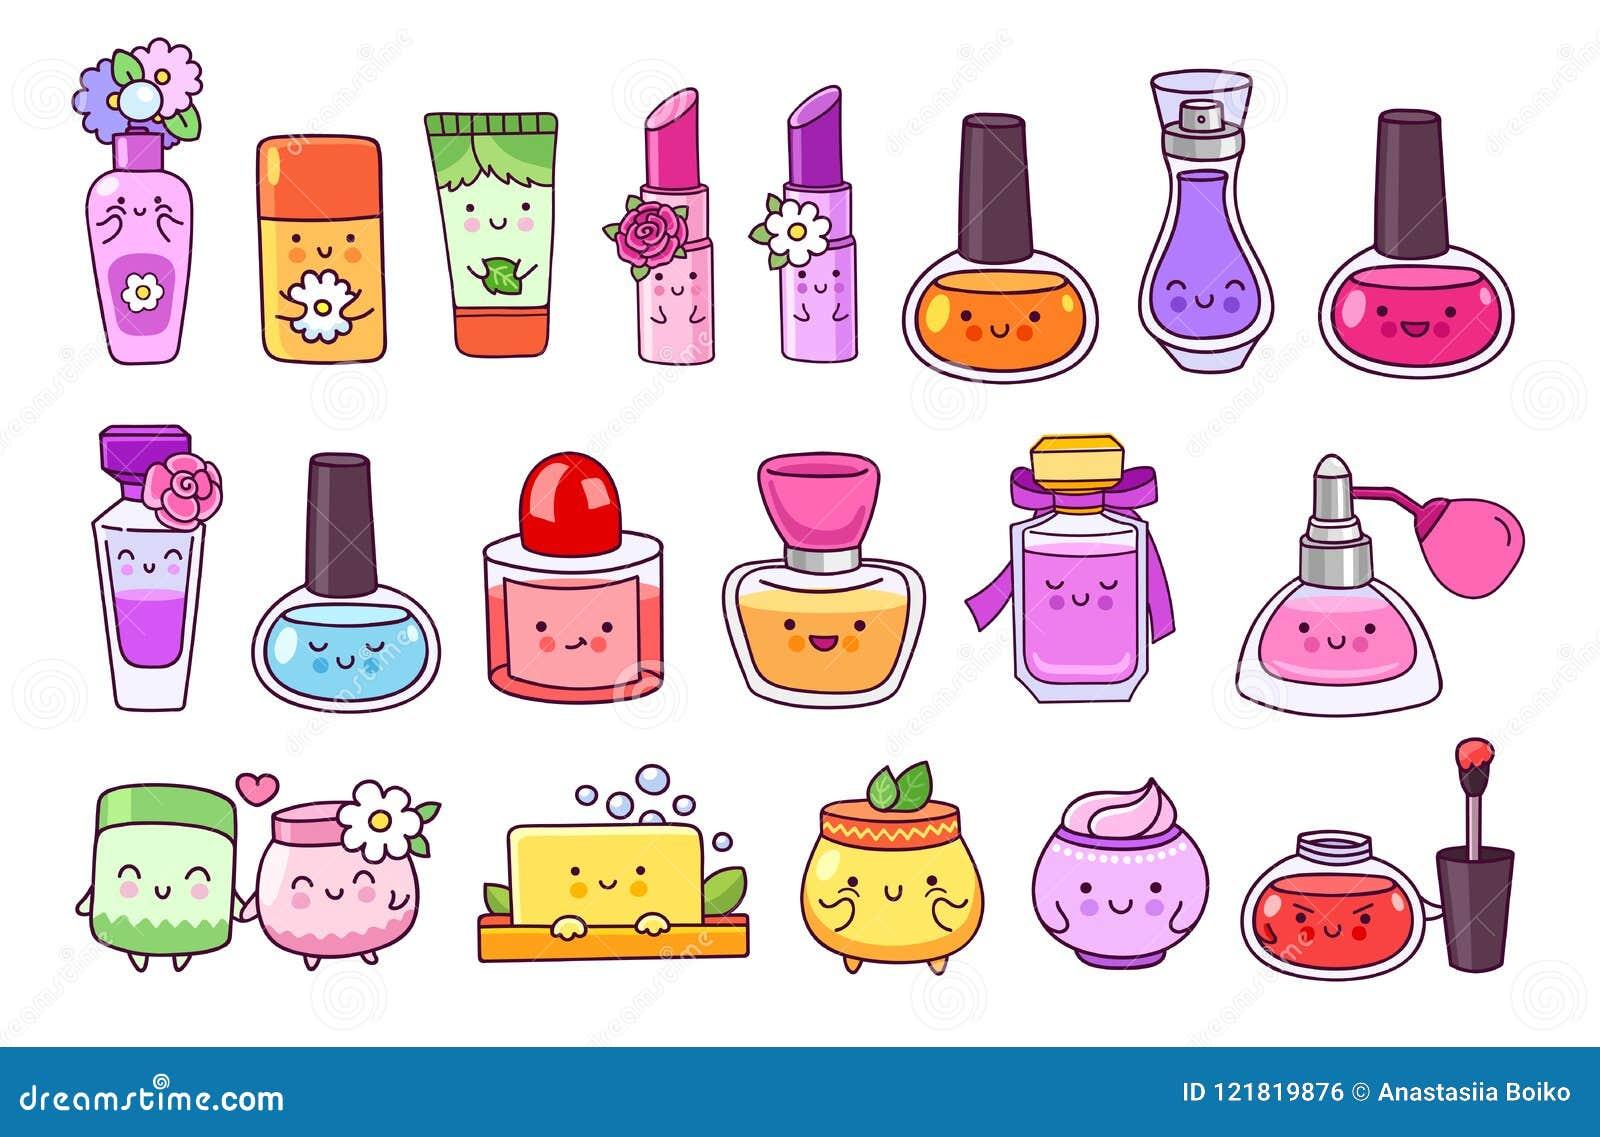 香水、化妆用品、指甲油、唇膏、嘴唇光泽、奶油色瓶子、肥皂和香波